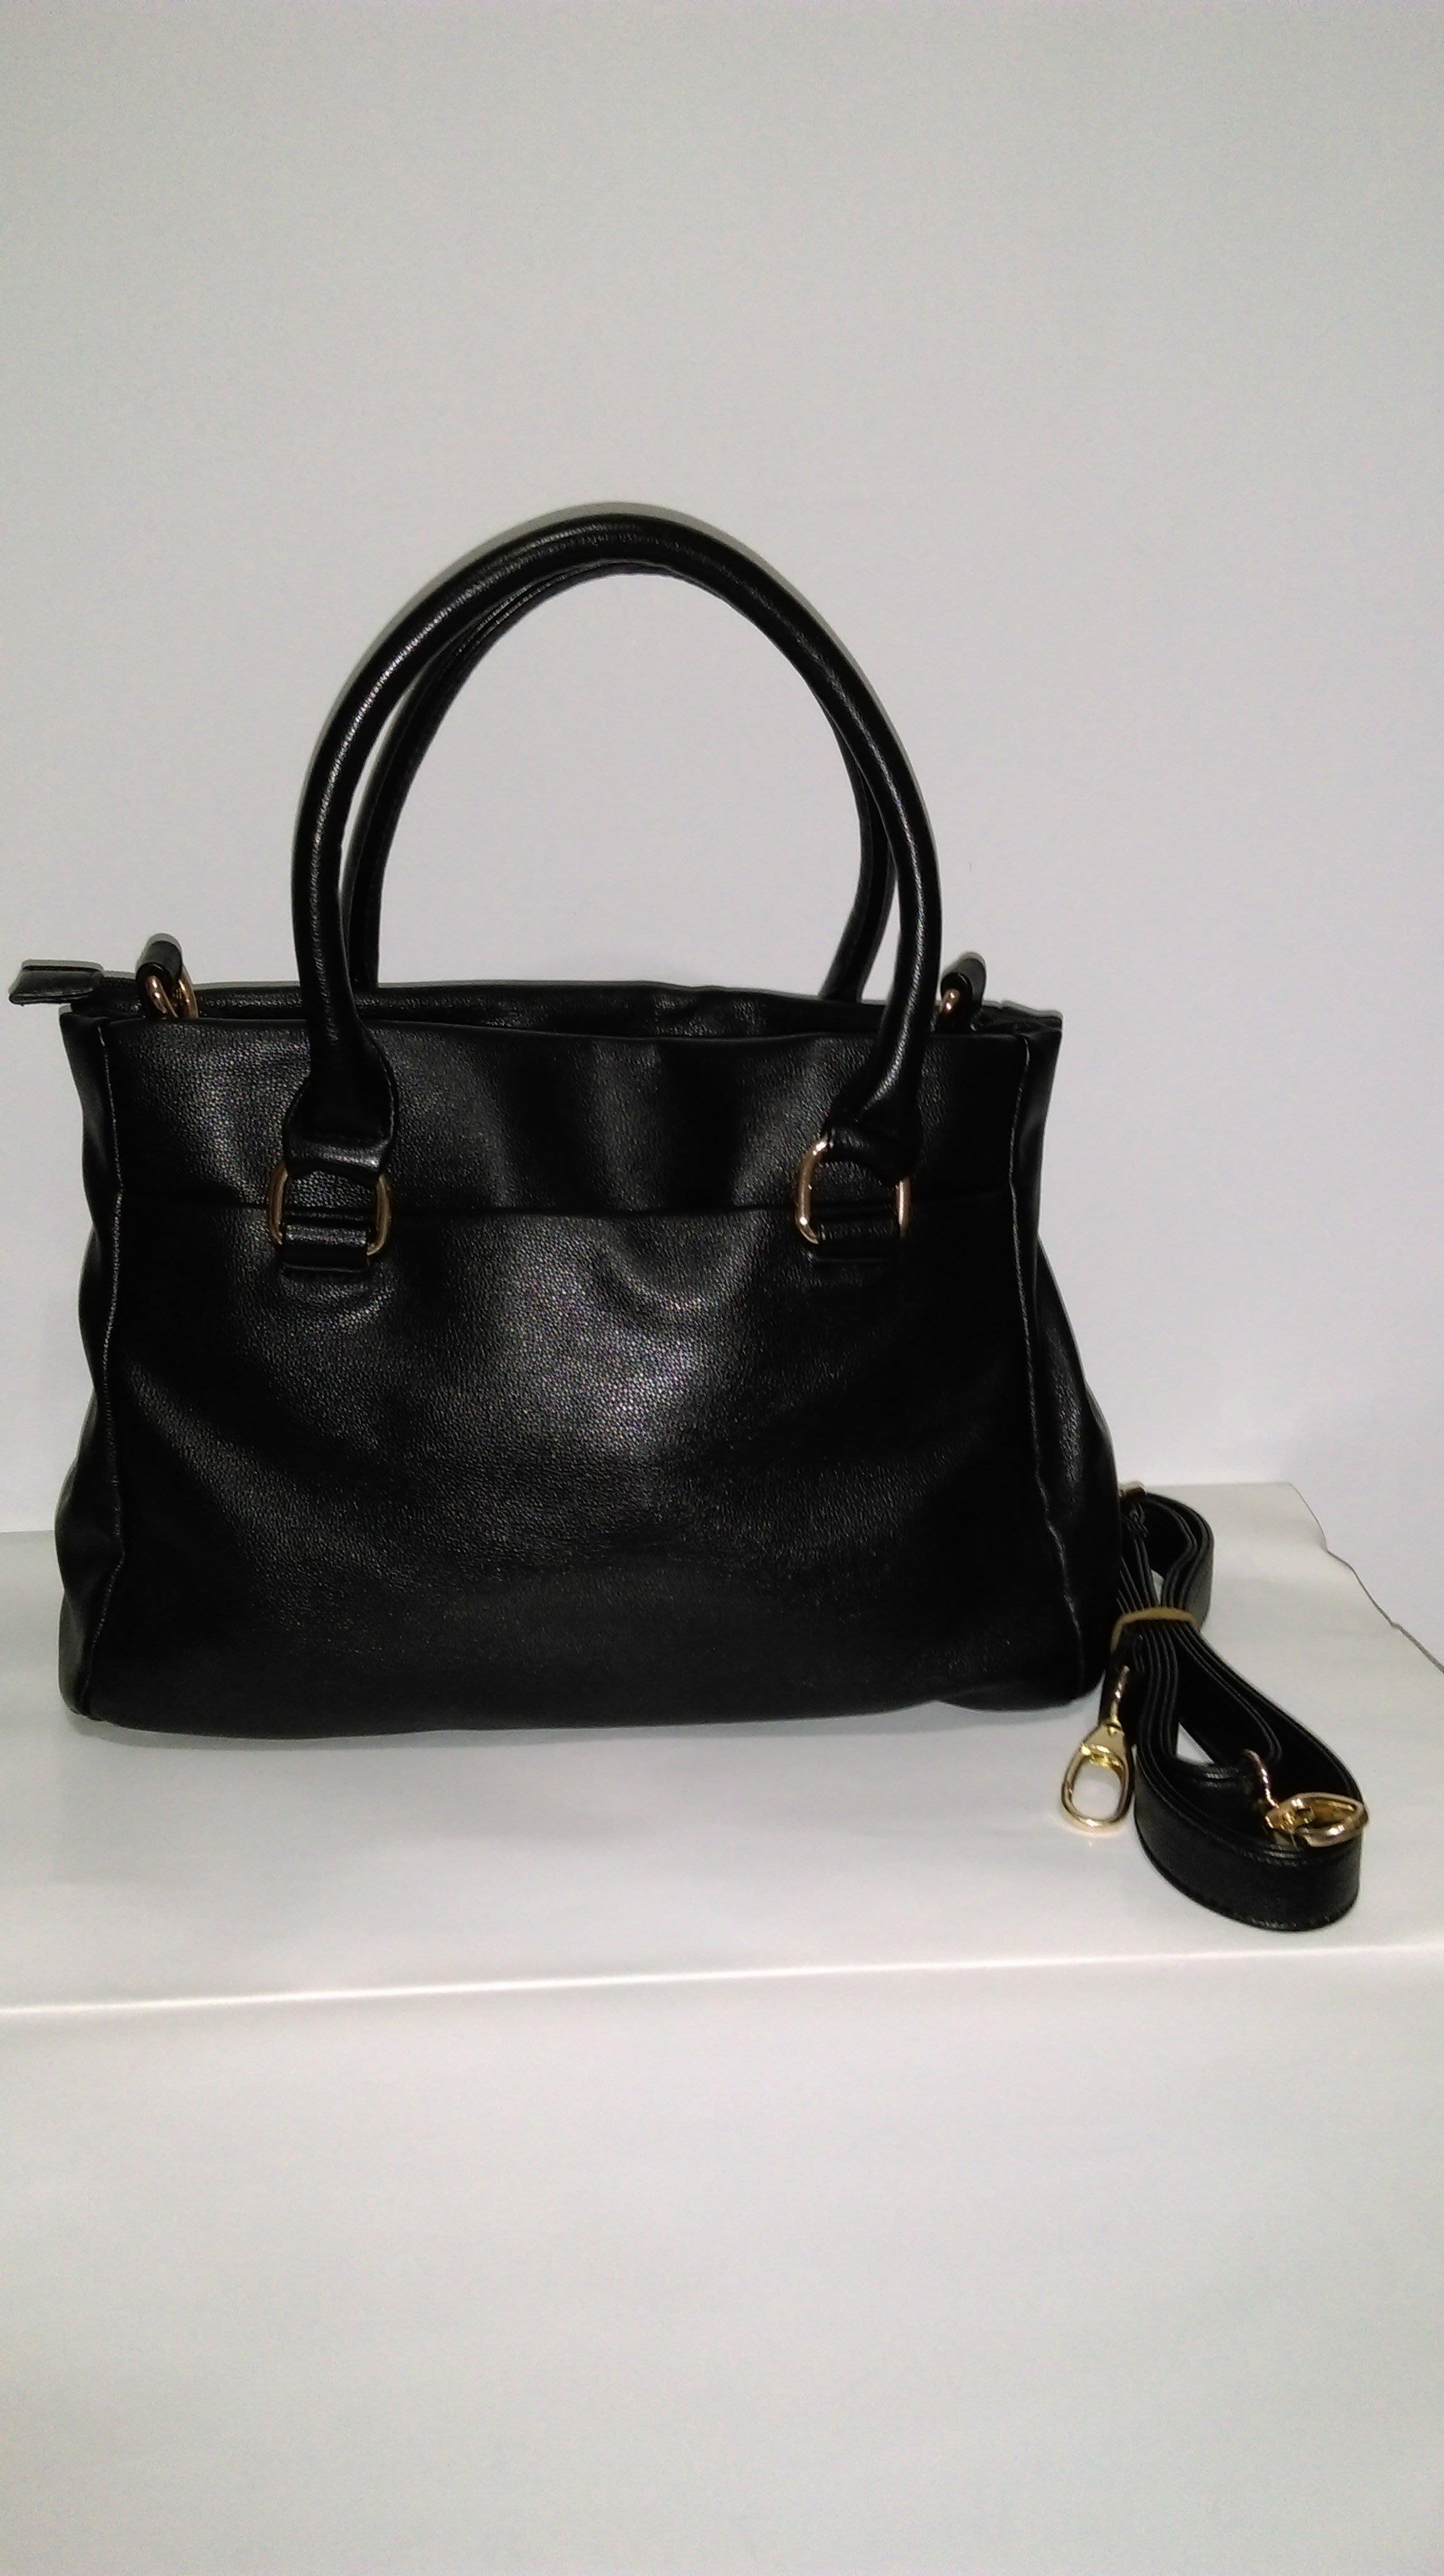 8成新 時尚  側背包 肩背包手提包   購買價:248 元